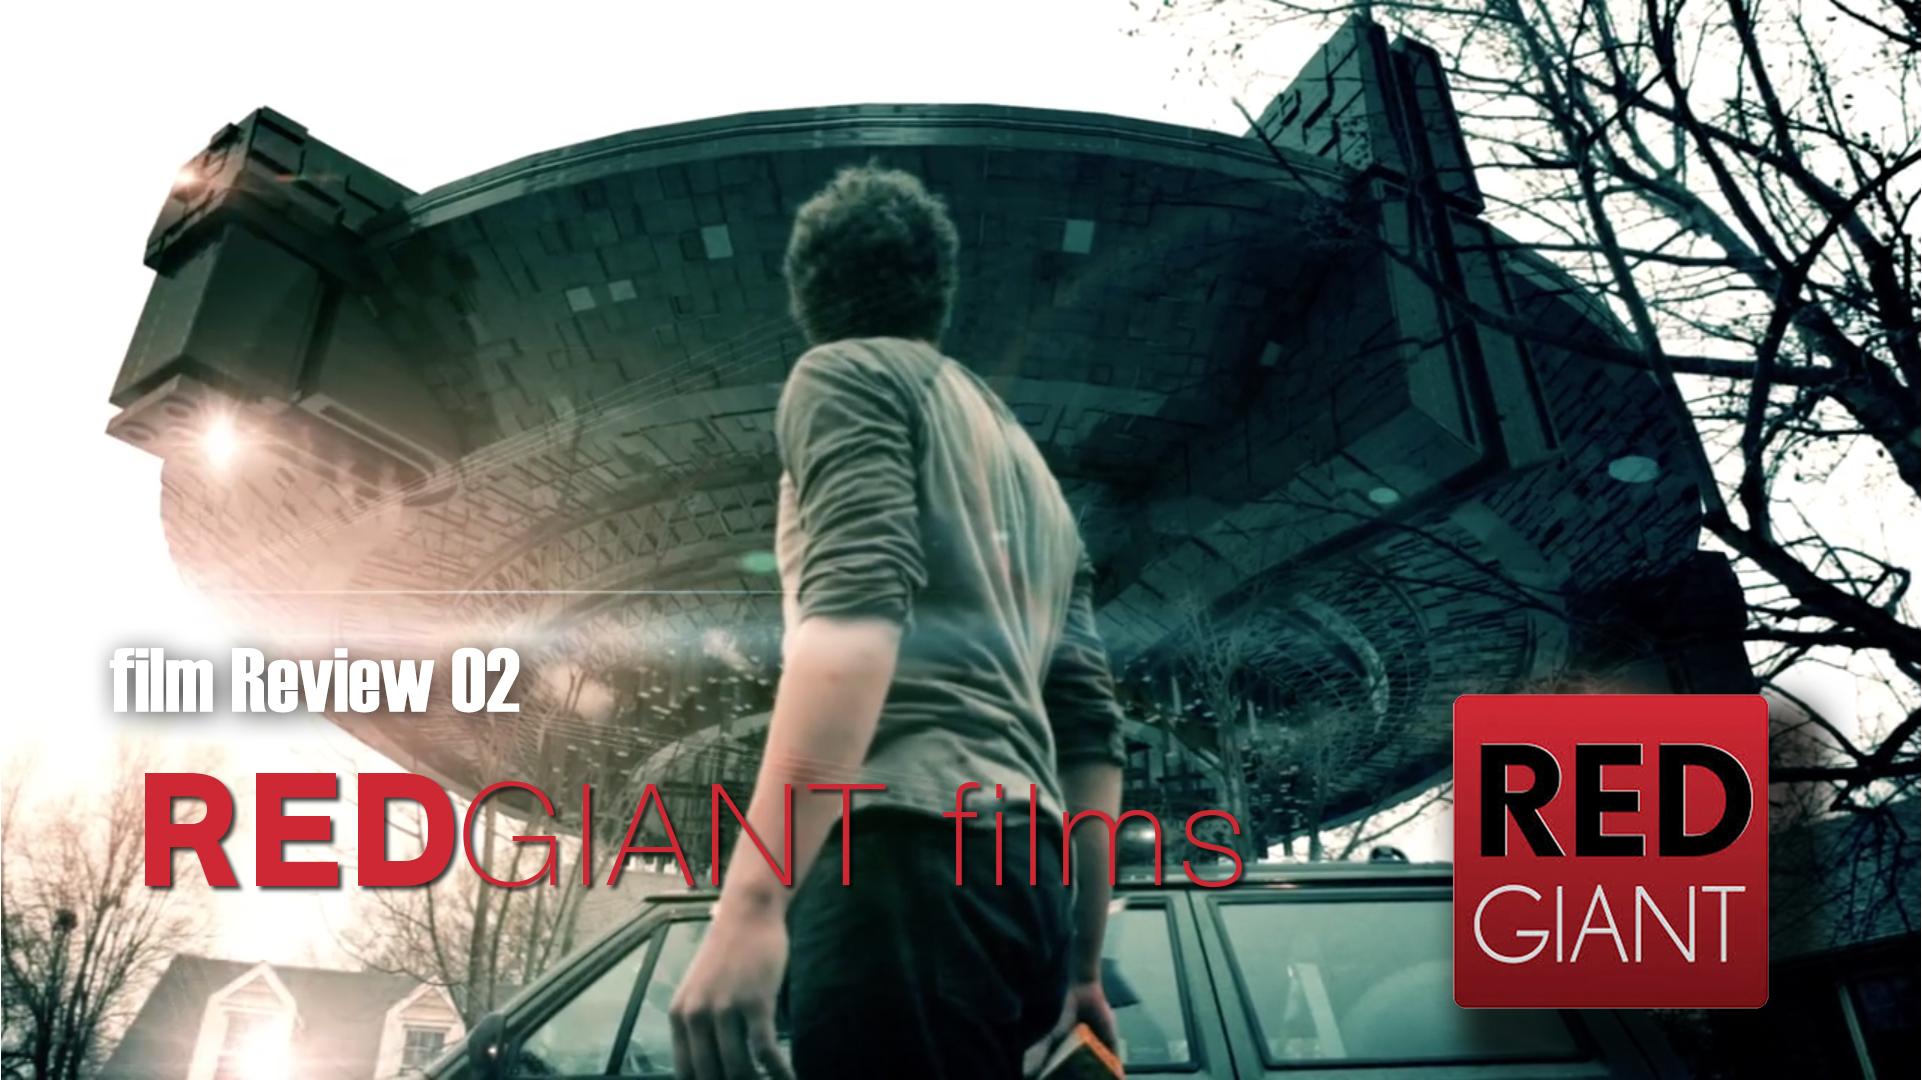 お気に入りの映像作品レビュー02 REDGIANTの作品